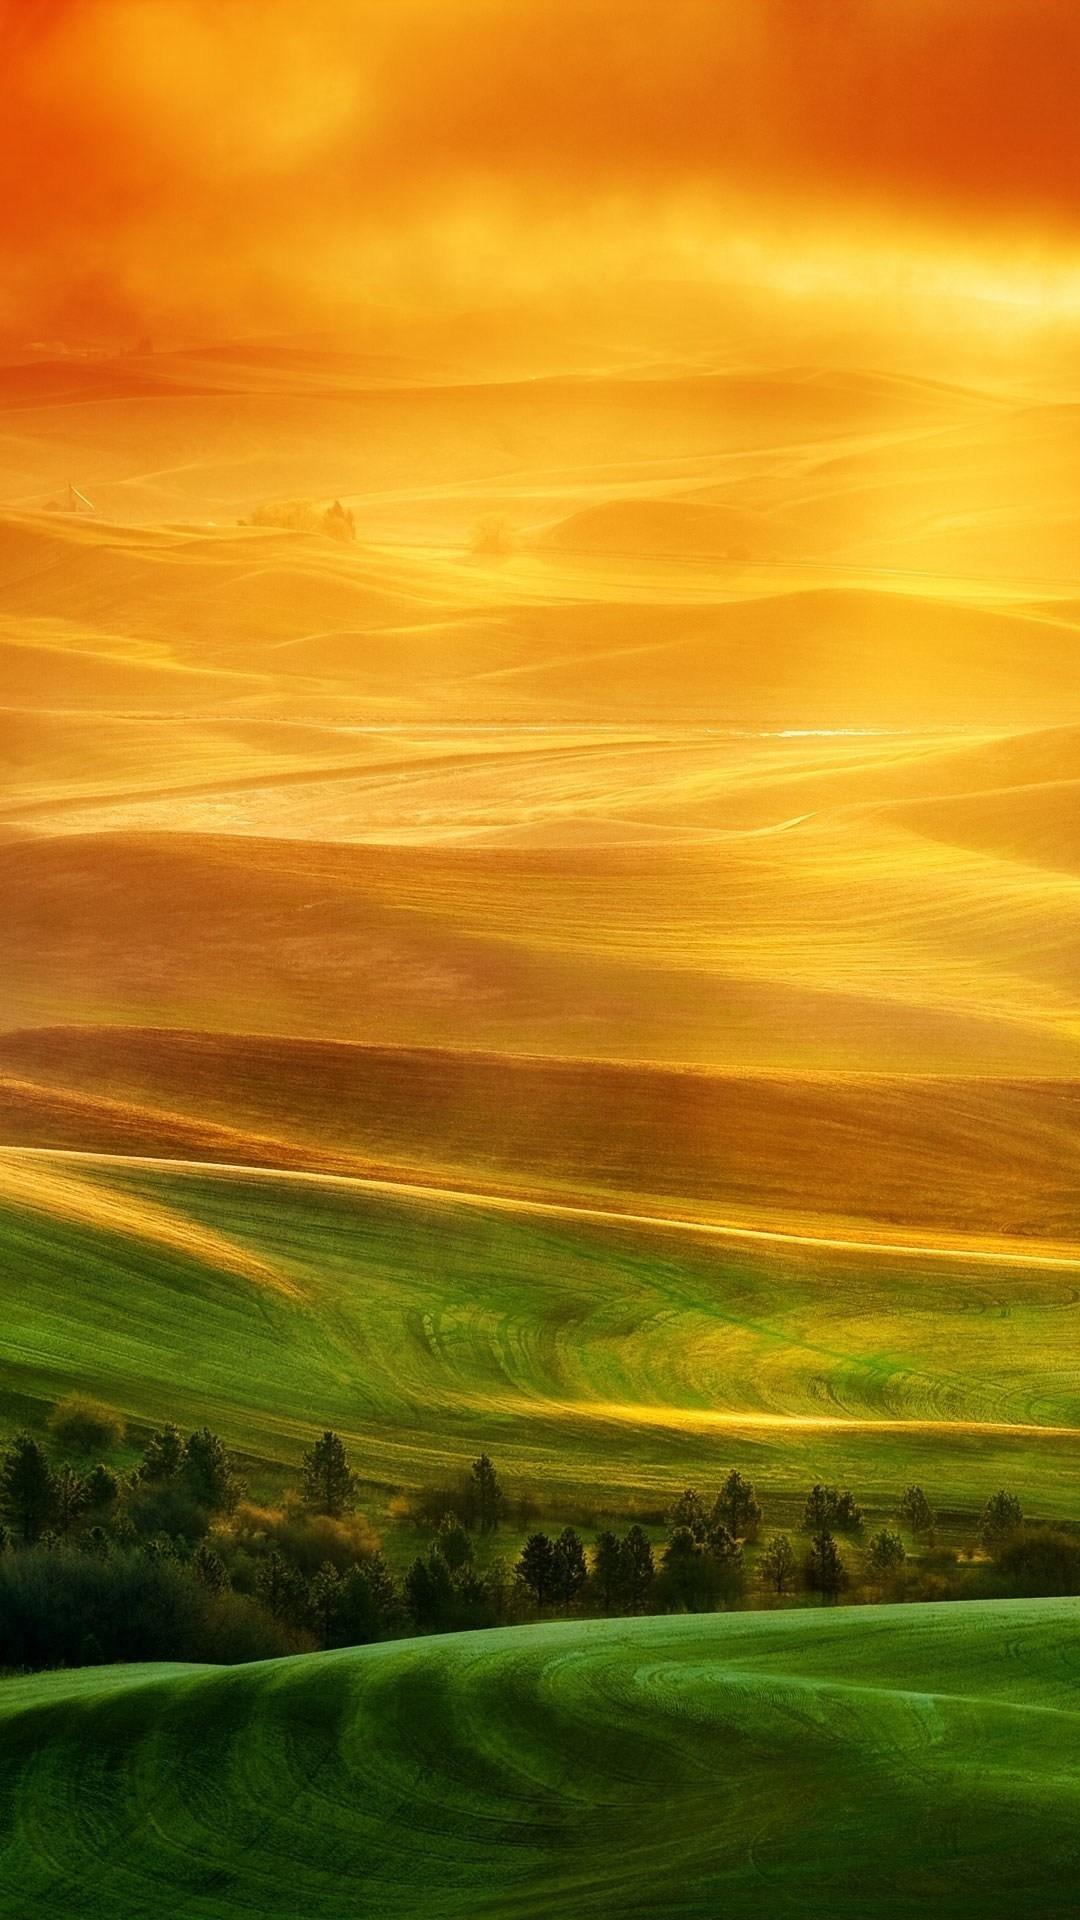 Wallpaper xiaomi mi3 mi4 full hd 1080 1920 green hills orange sky